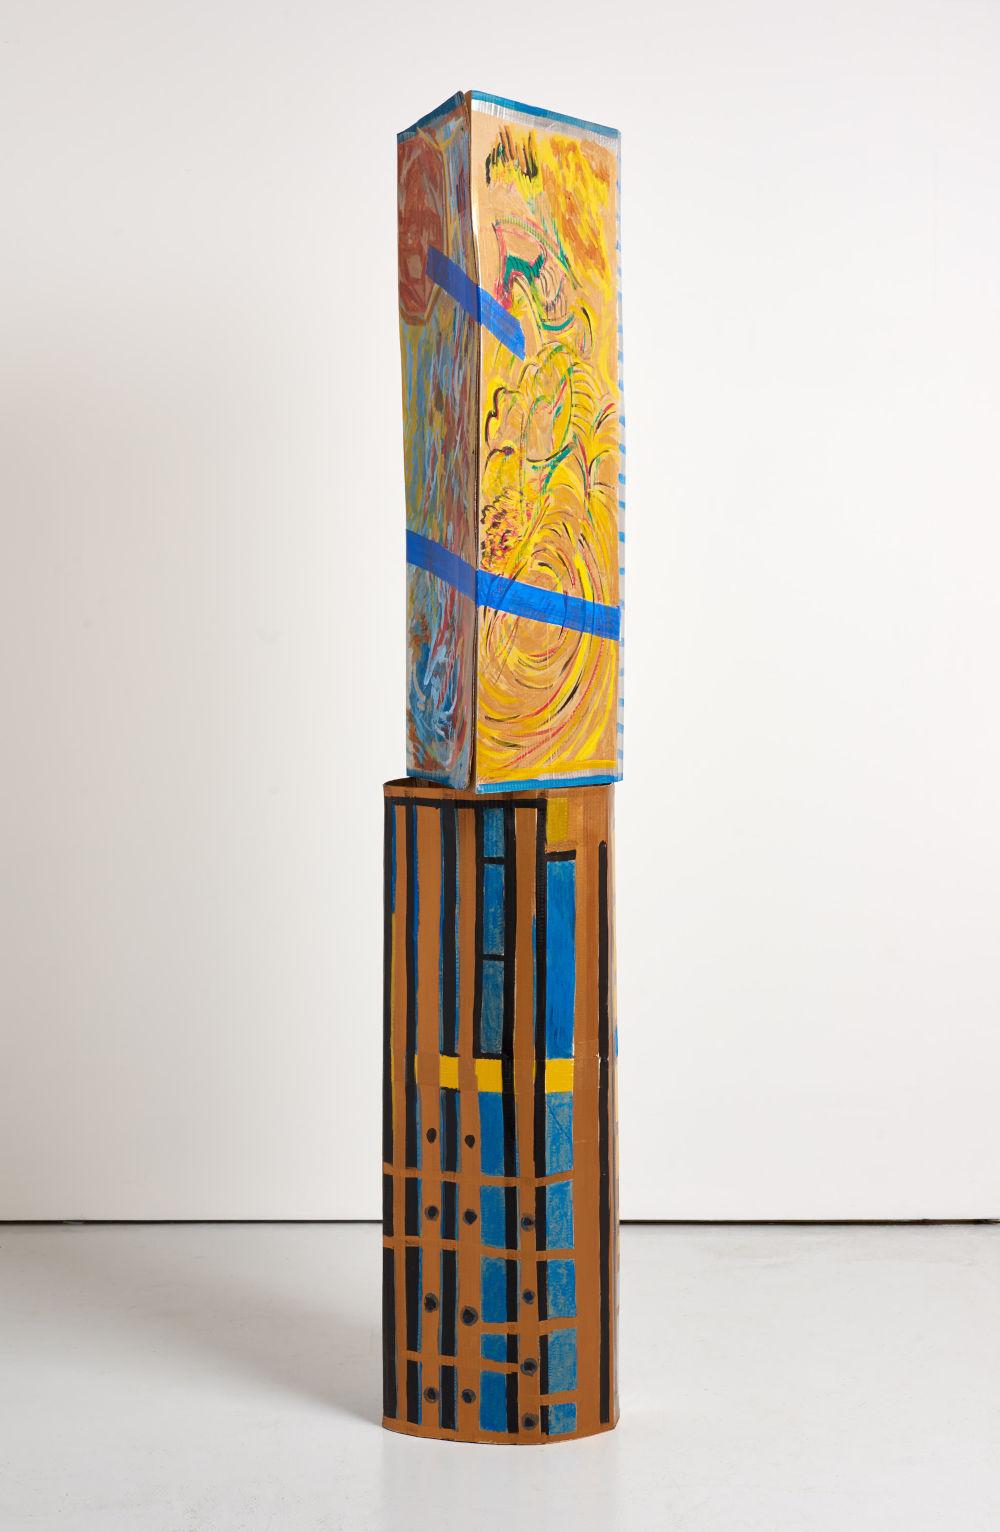 Ma Jianfeng, Untitled F13, 2019. Acrylic on cardboard, masking tape. (Top) H 100 x W 38 x D 24.5 cm, (Bottom) H 100 x W 37 x D 33 cm. Courtesy the Artist and GAO, London. Photo by Jonathan Bassett